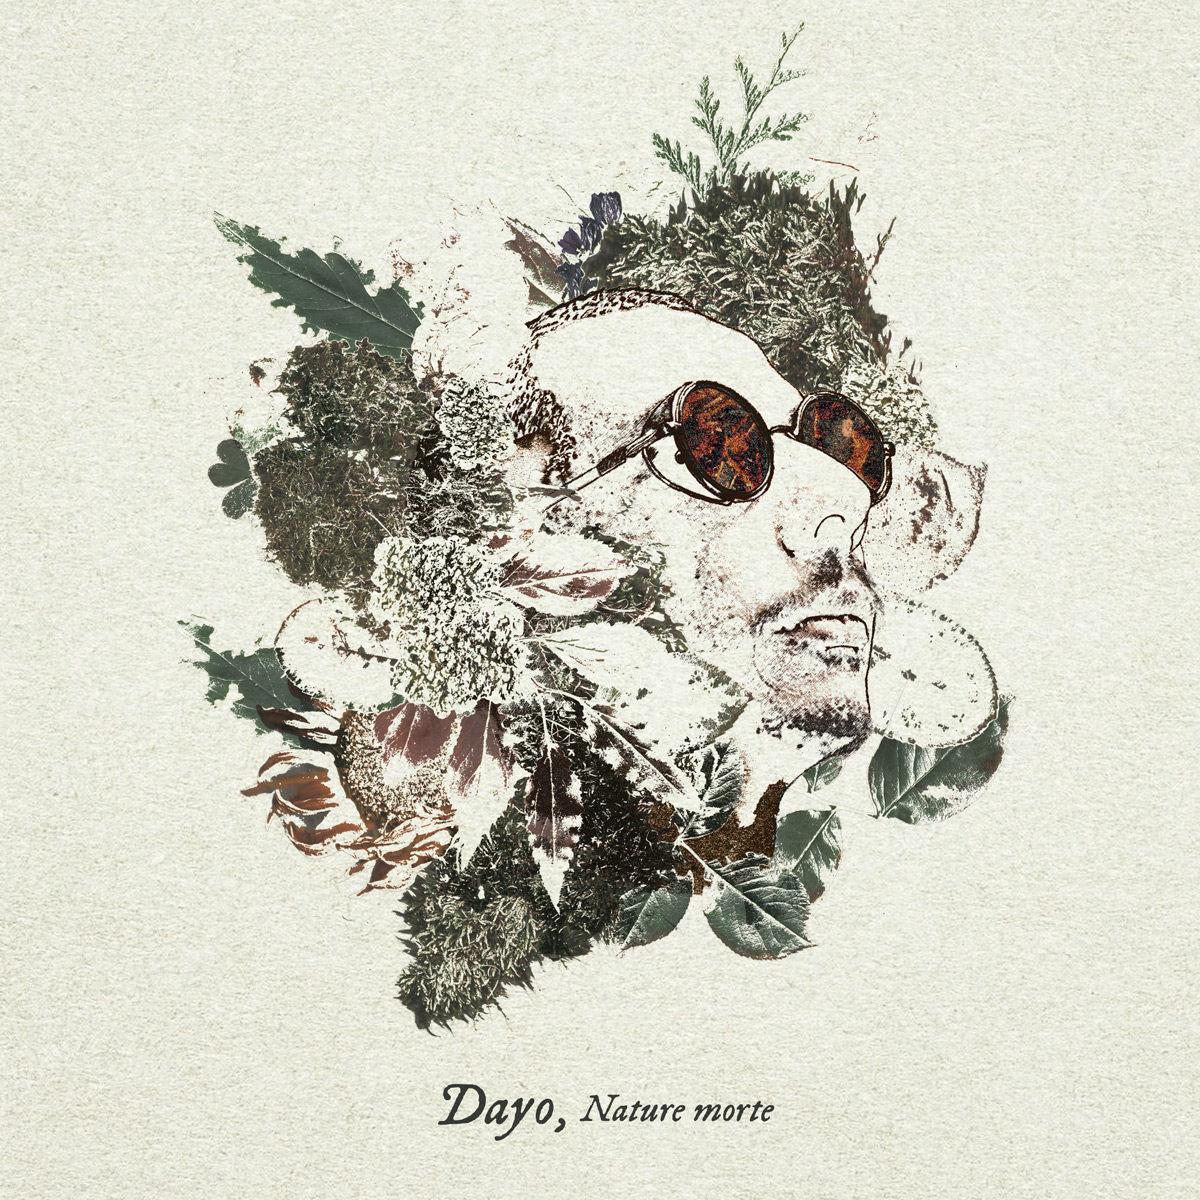 Dayo - Nature Morte